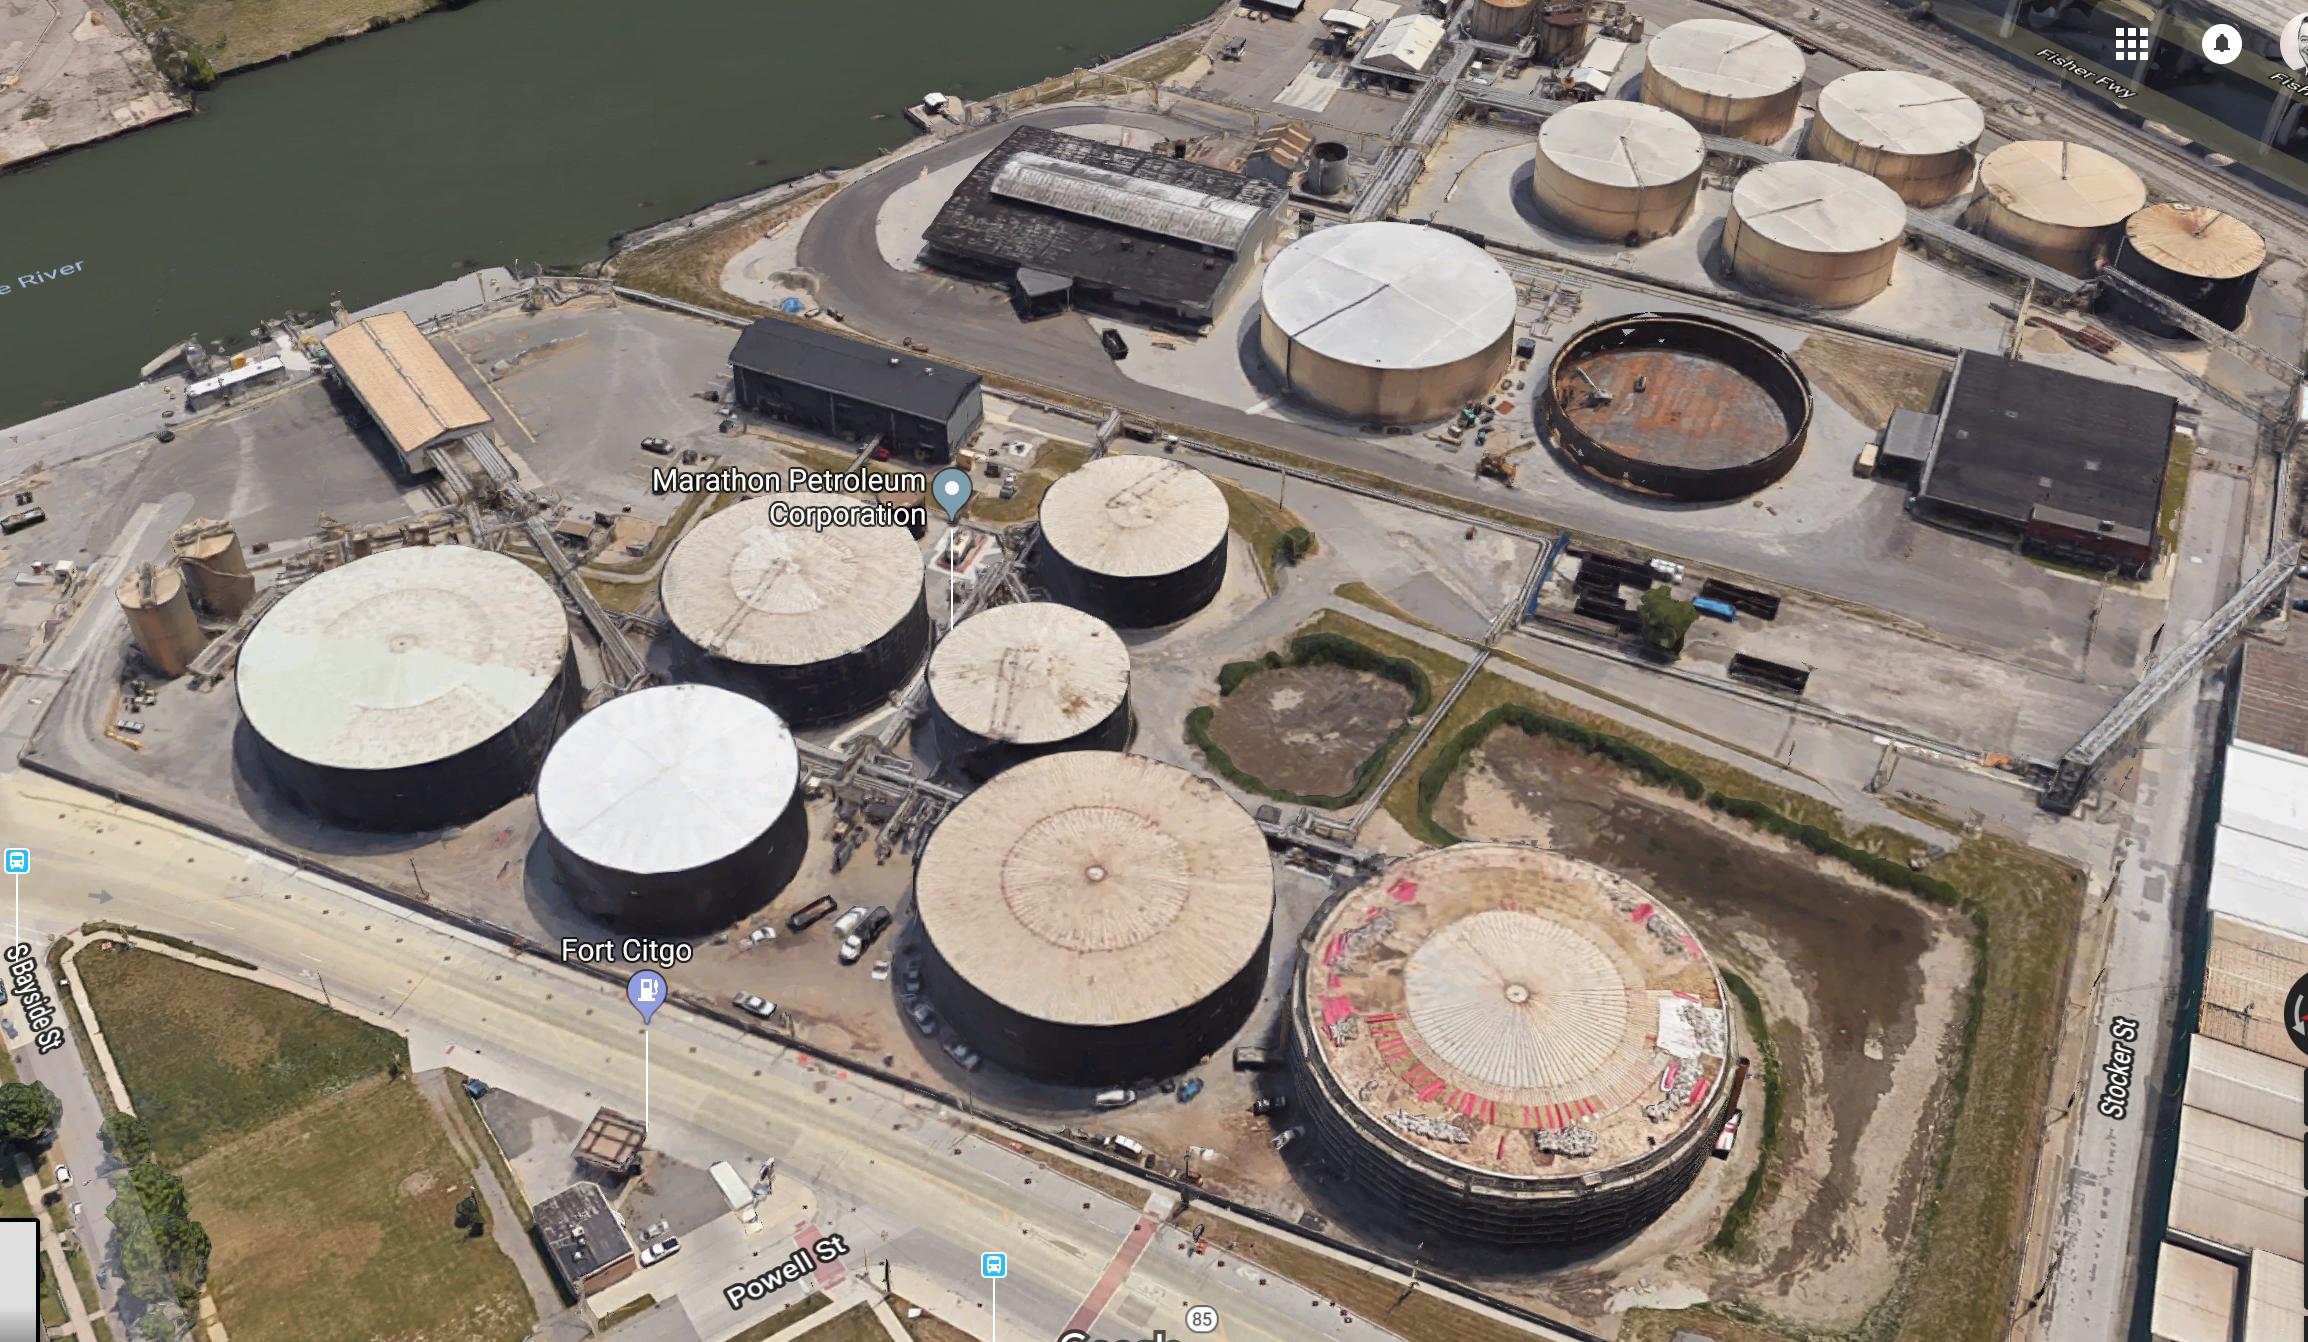 Marathon Petroleum Corporation at 301 Fort St., Detroit, MI